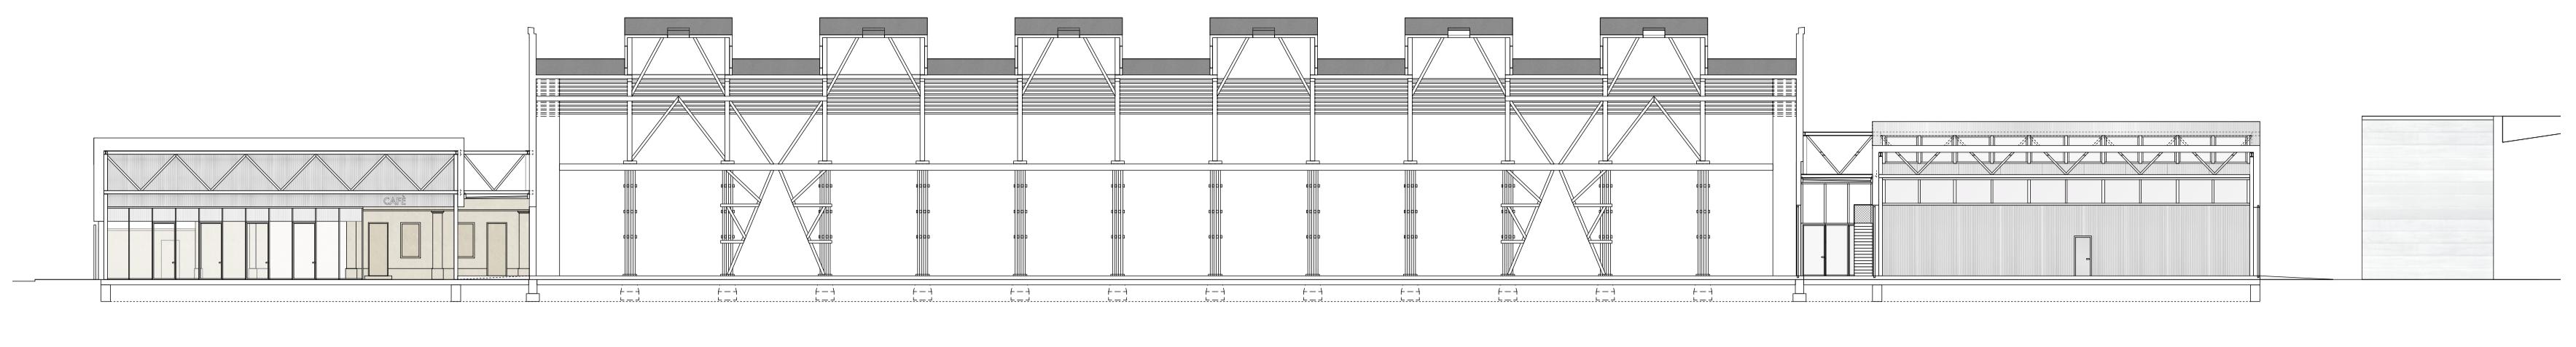 Rheinstahlhalle Schnitt Tanja Lincke Architekten